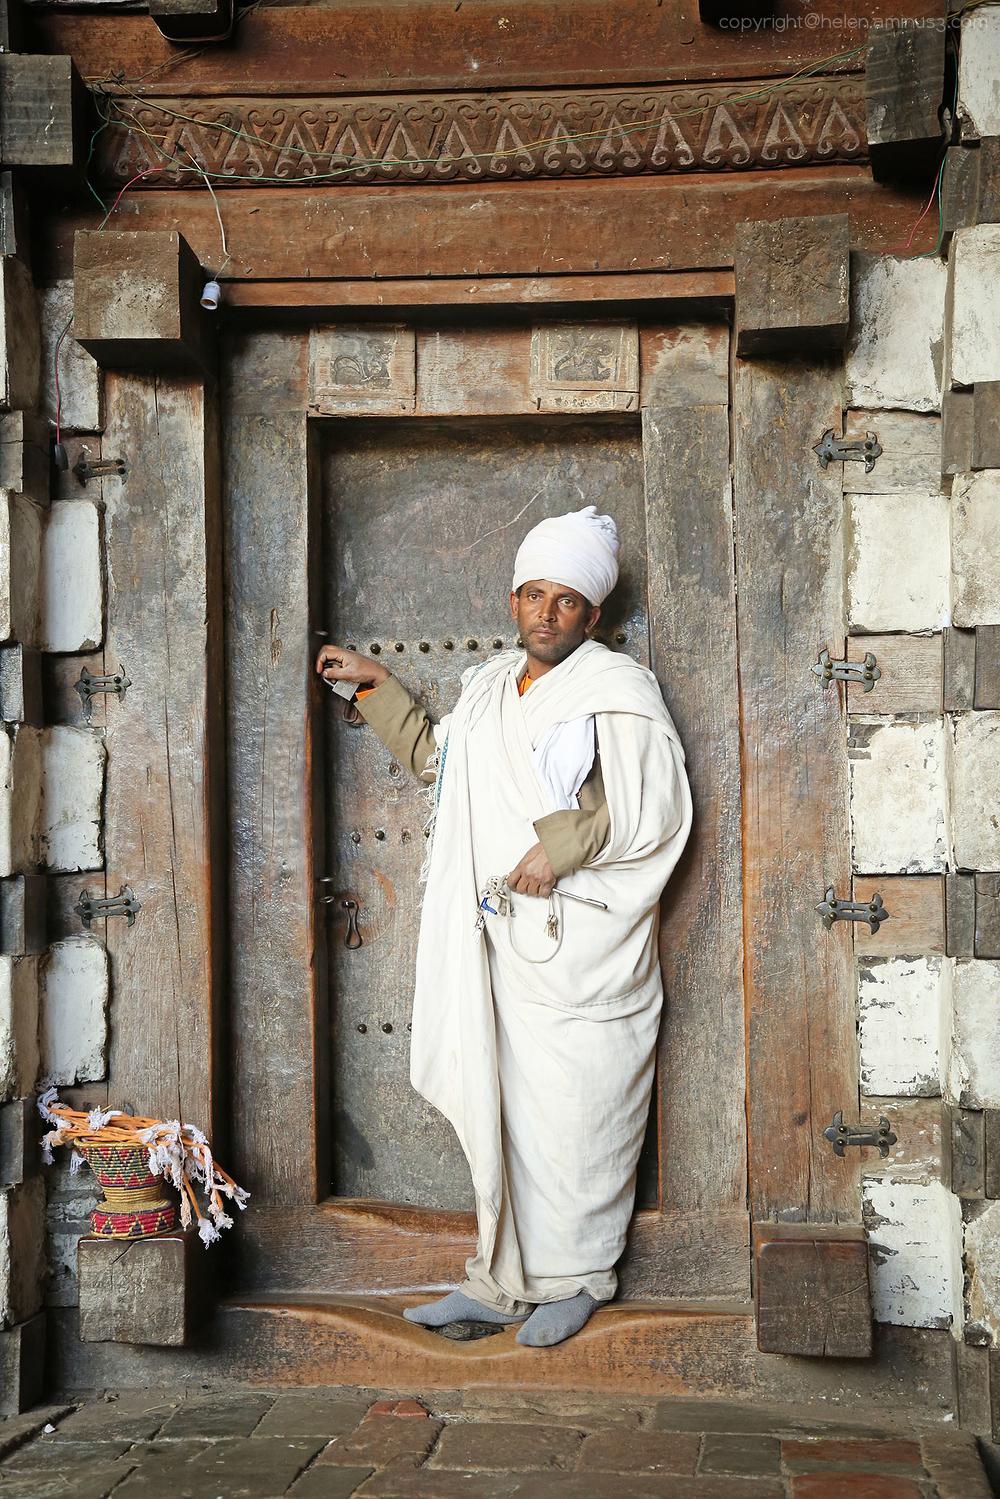 Priest in the doorway